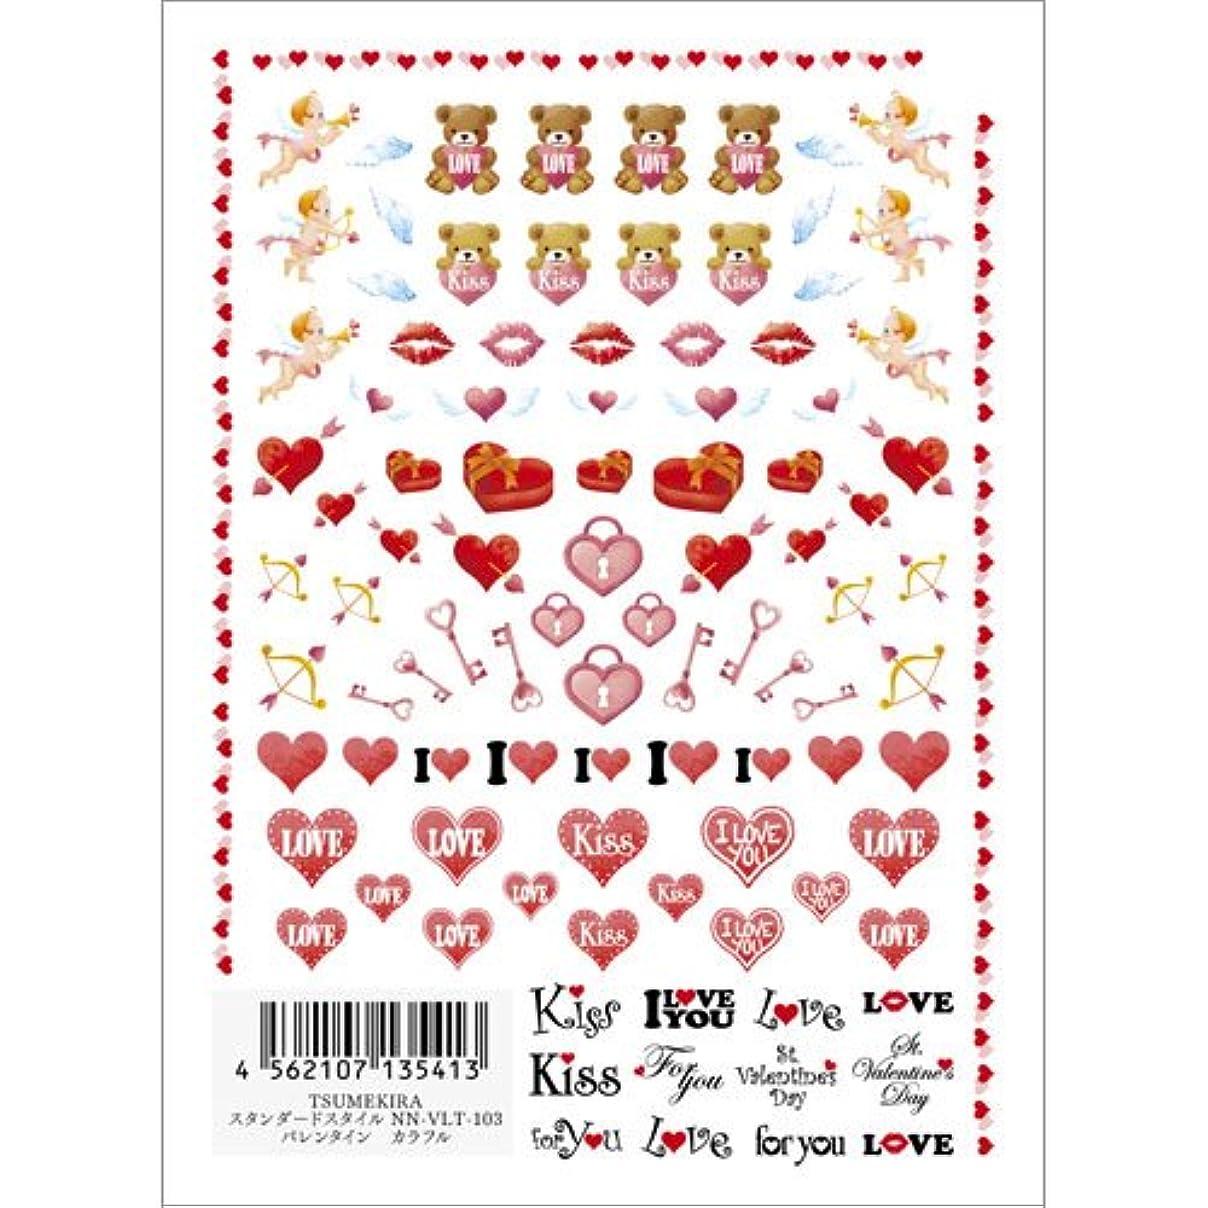 情報忌まわしい狂信者ツメキラ ネイル用シール スタンダードスタイル バレンタイン カラフル